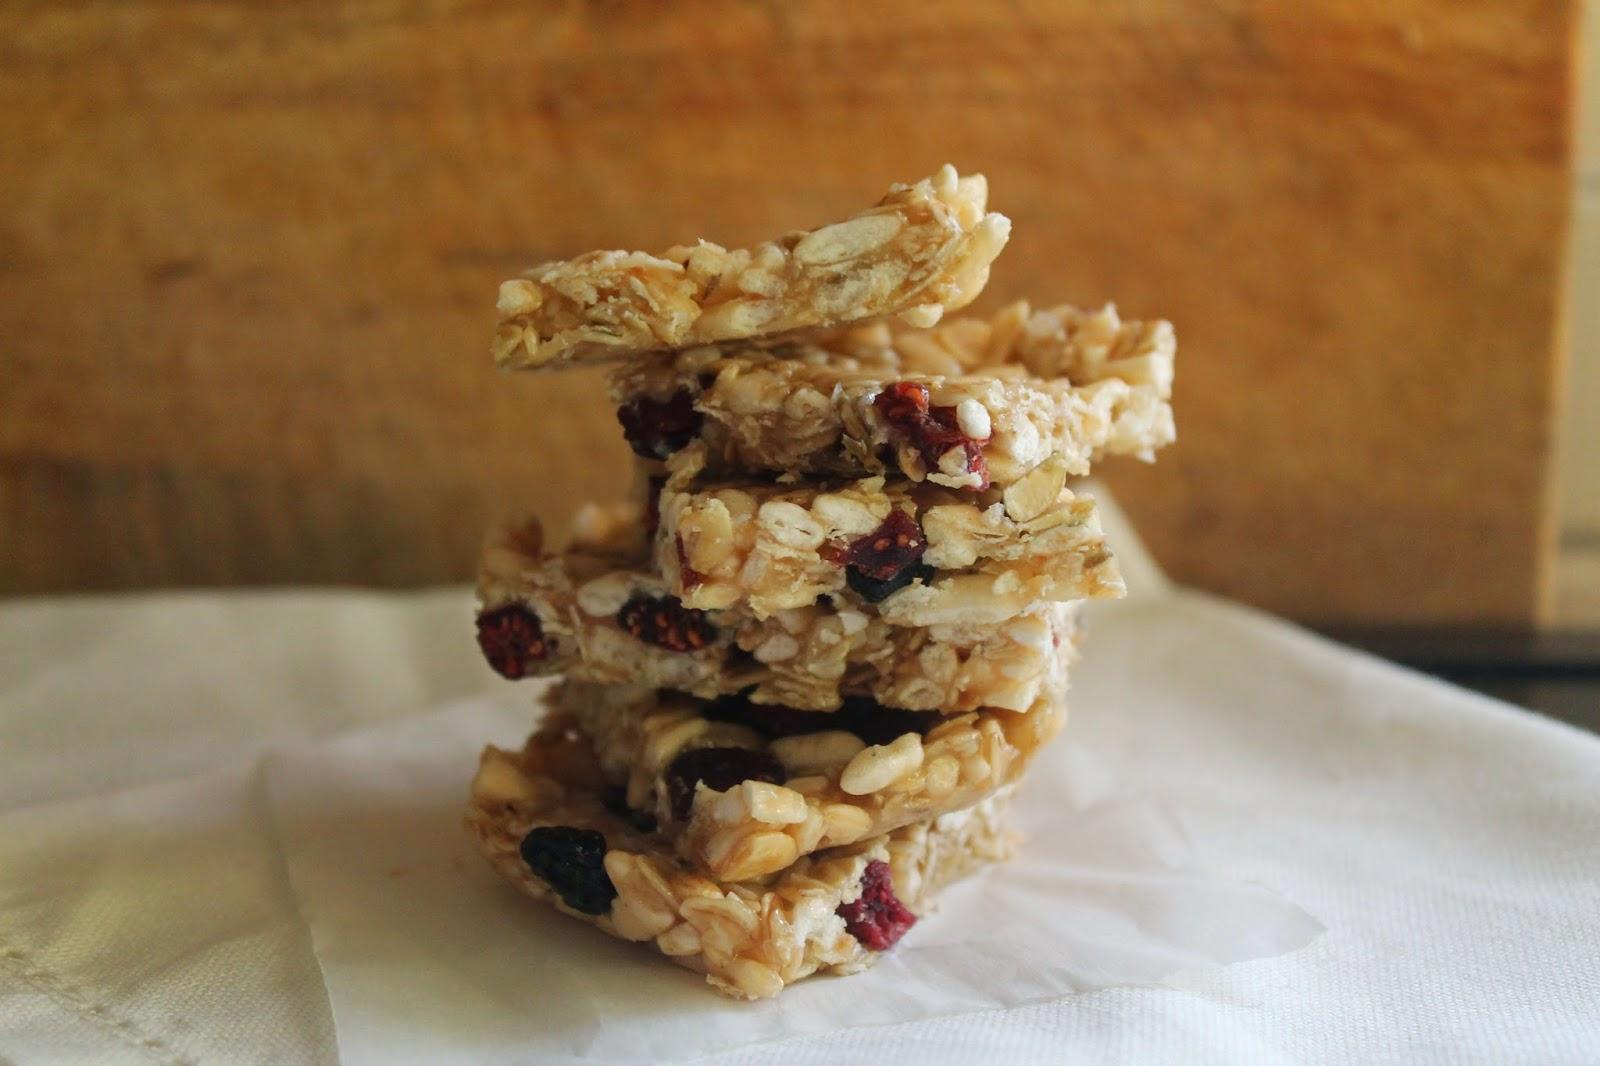 quadrotti ai cereali riso soffiato e frutti rossi - healthy muesli bars 2.0